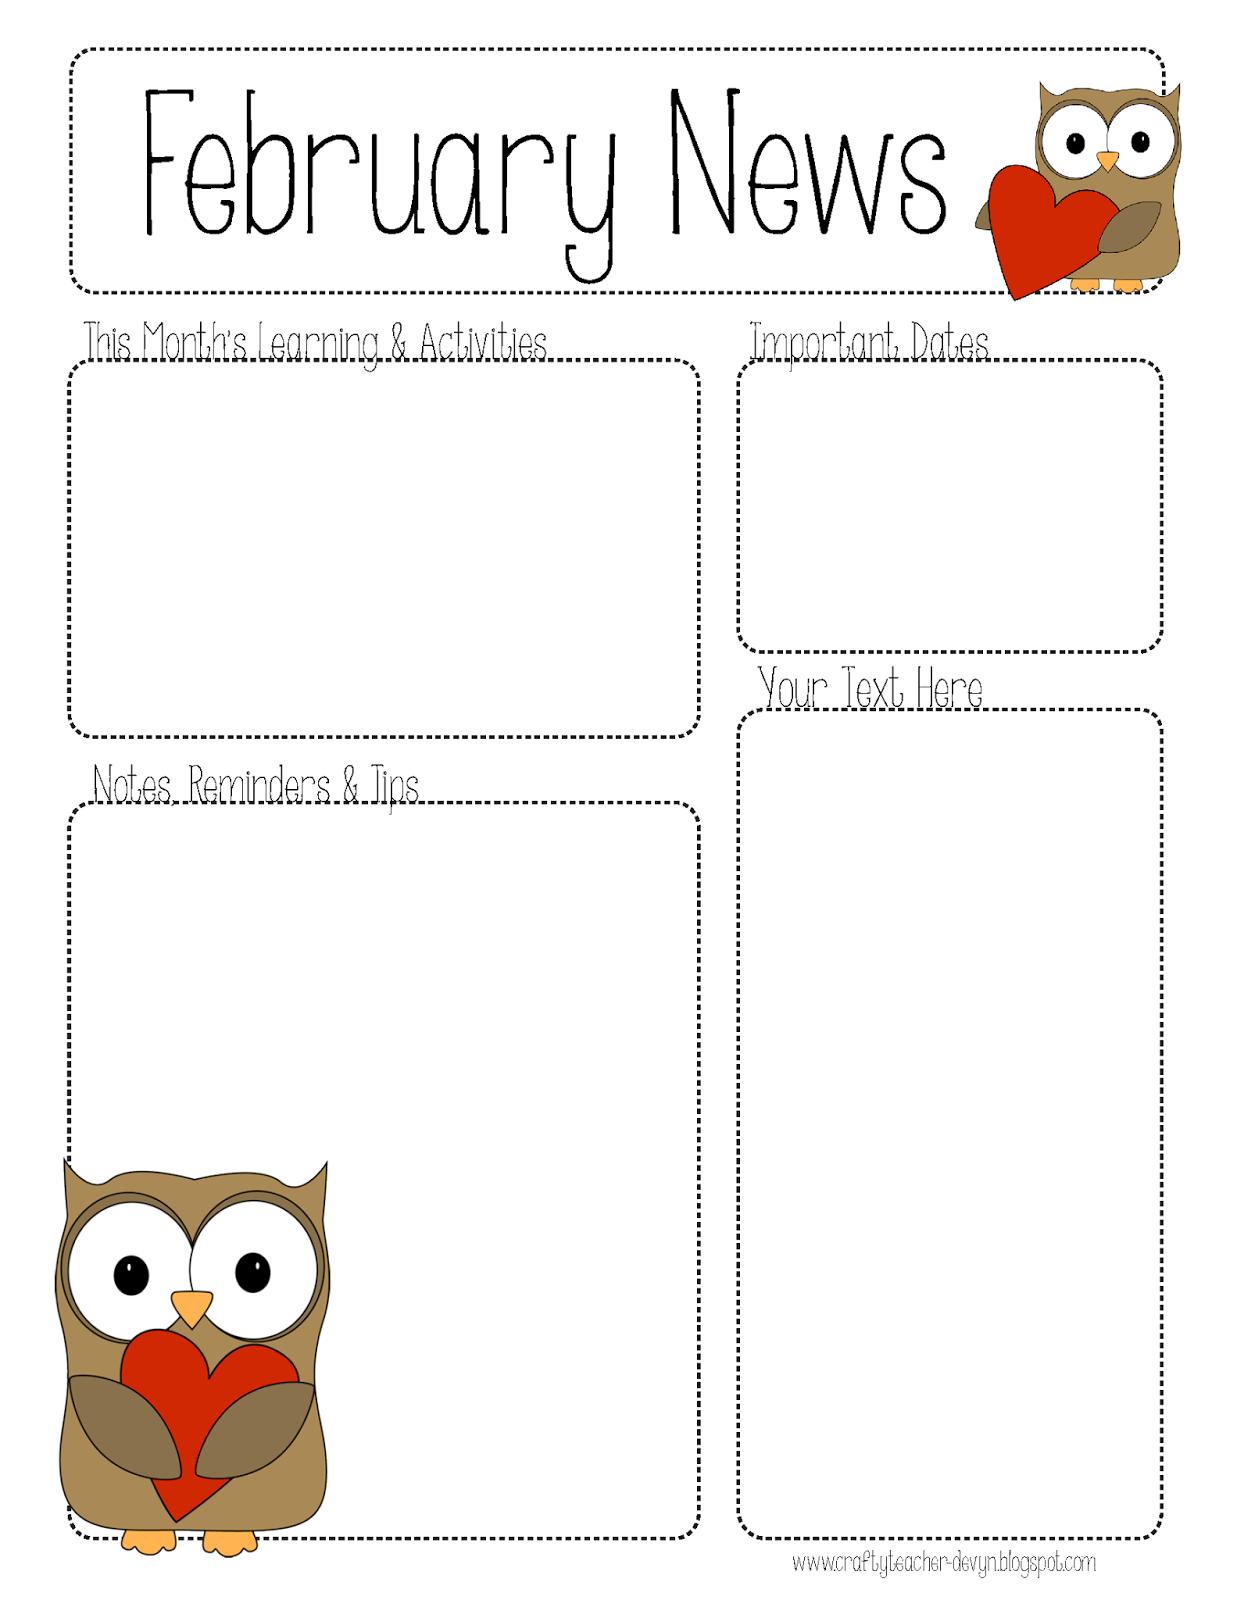 2 February Newsletters Preschool Newsletter Templates February Newsletter Template Preschool Newsletter